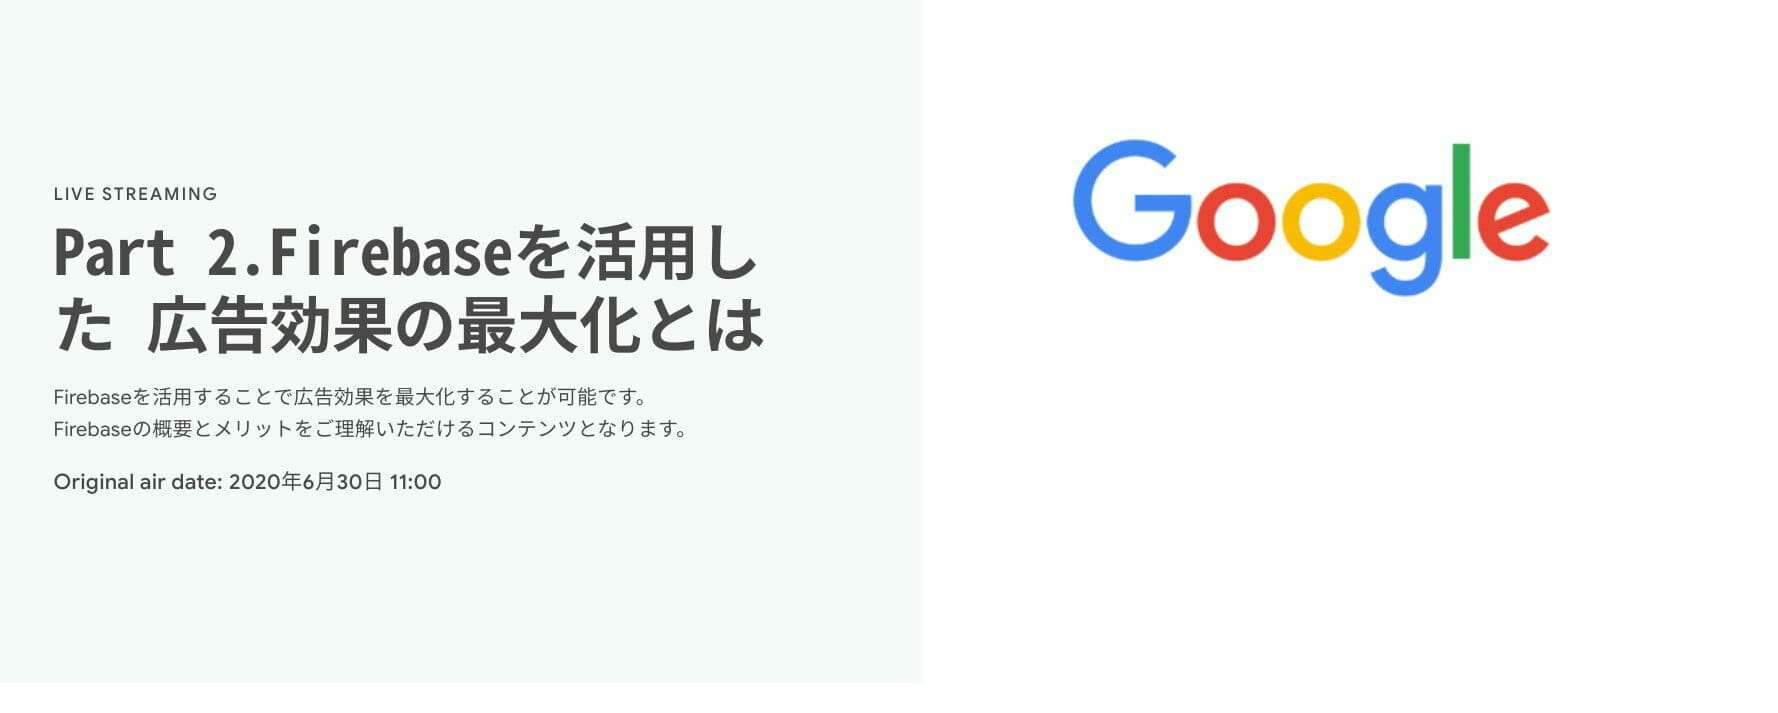 [Google 広告] Part 2.Firebaseを活用した 広告効果の最大化とは